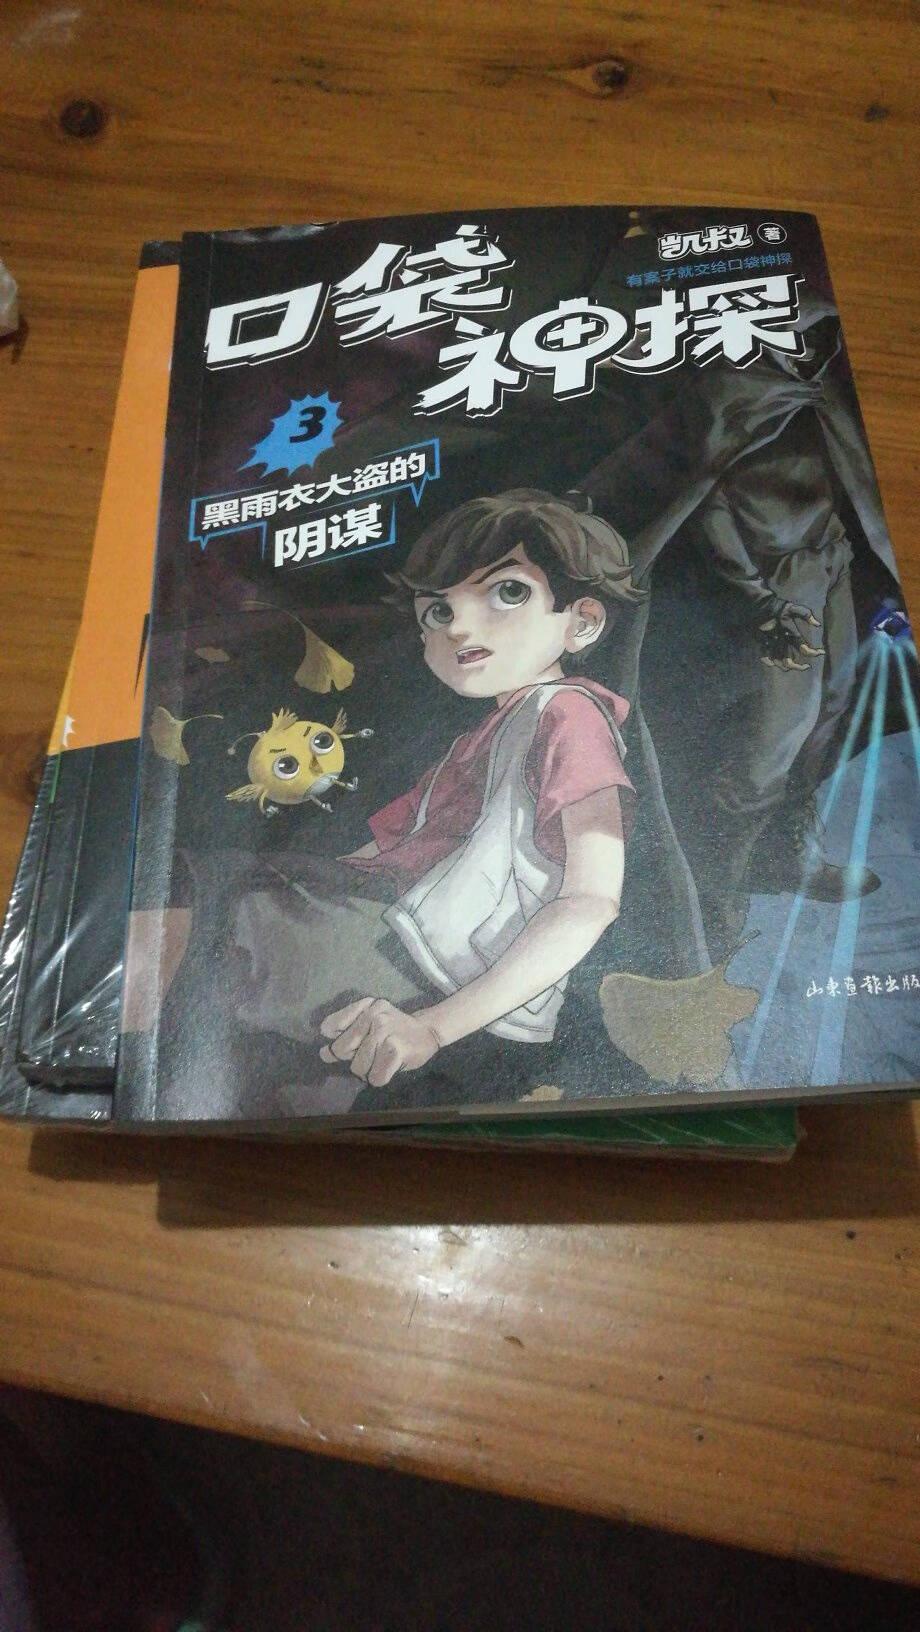 凯叔口袋神探(共6册,中国版福尔摩斯柯南,专为小学生创作的科学侦探故事,用知识破案,让孩子锻炼思维)